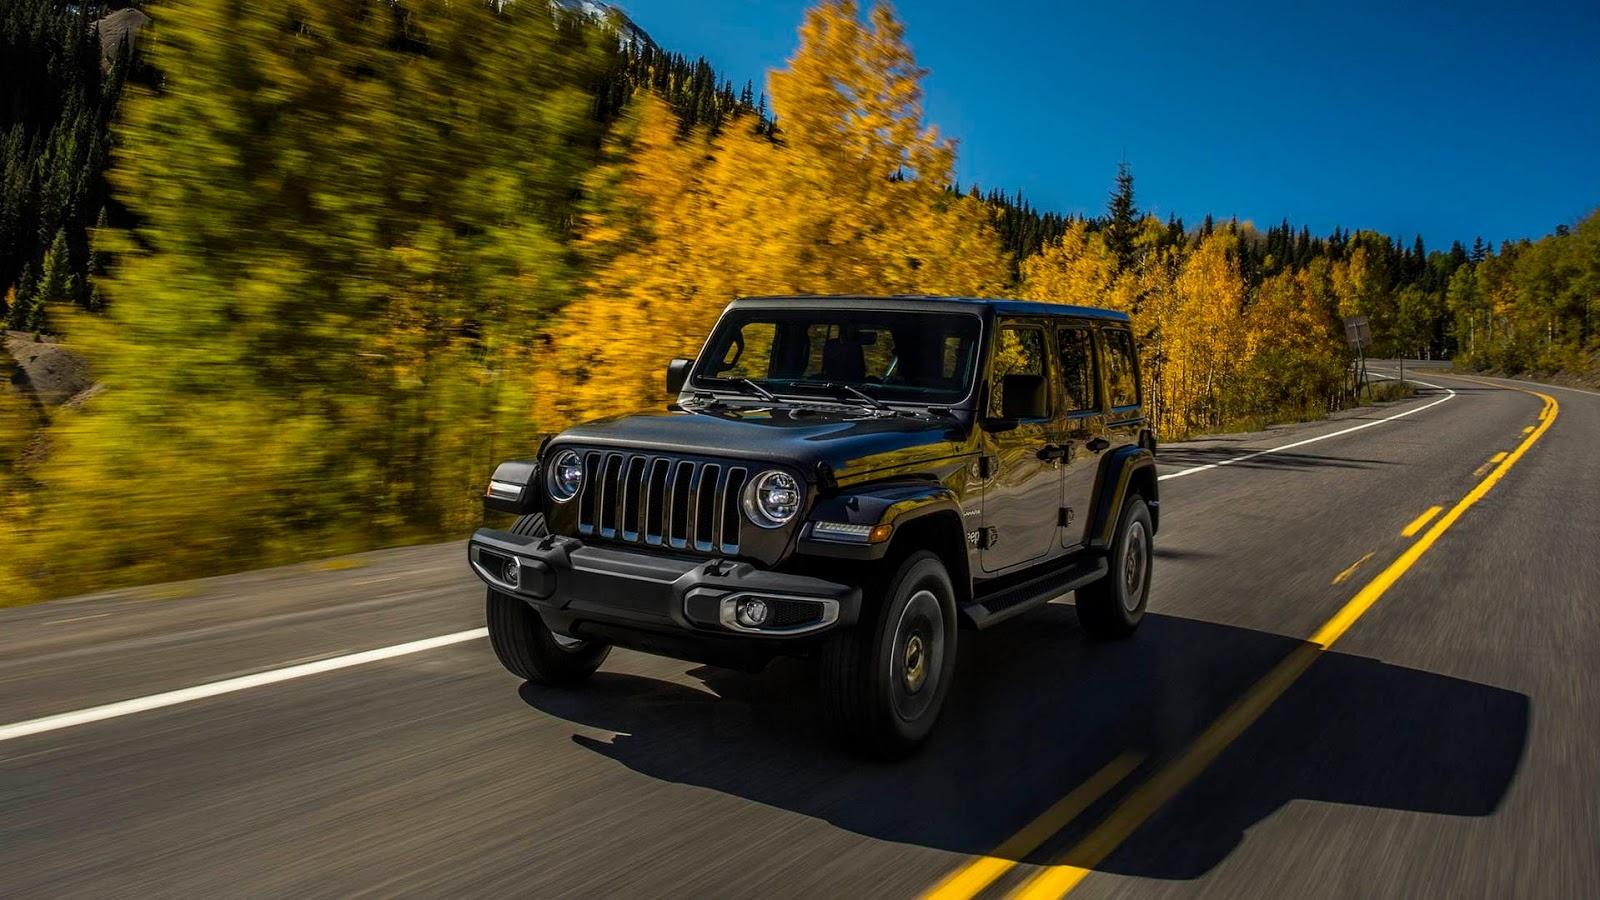 S0-le-nouveau-jeep-wrangler-passe-a-l-hybride-537396